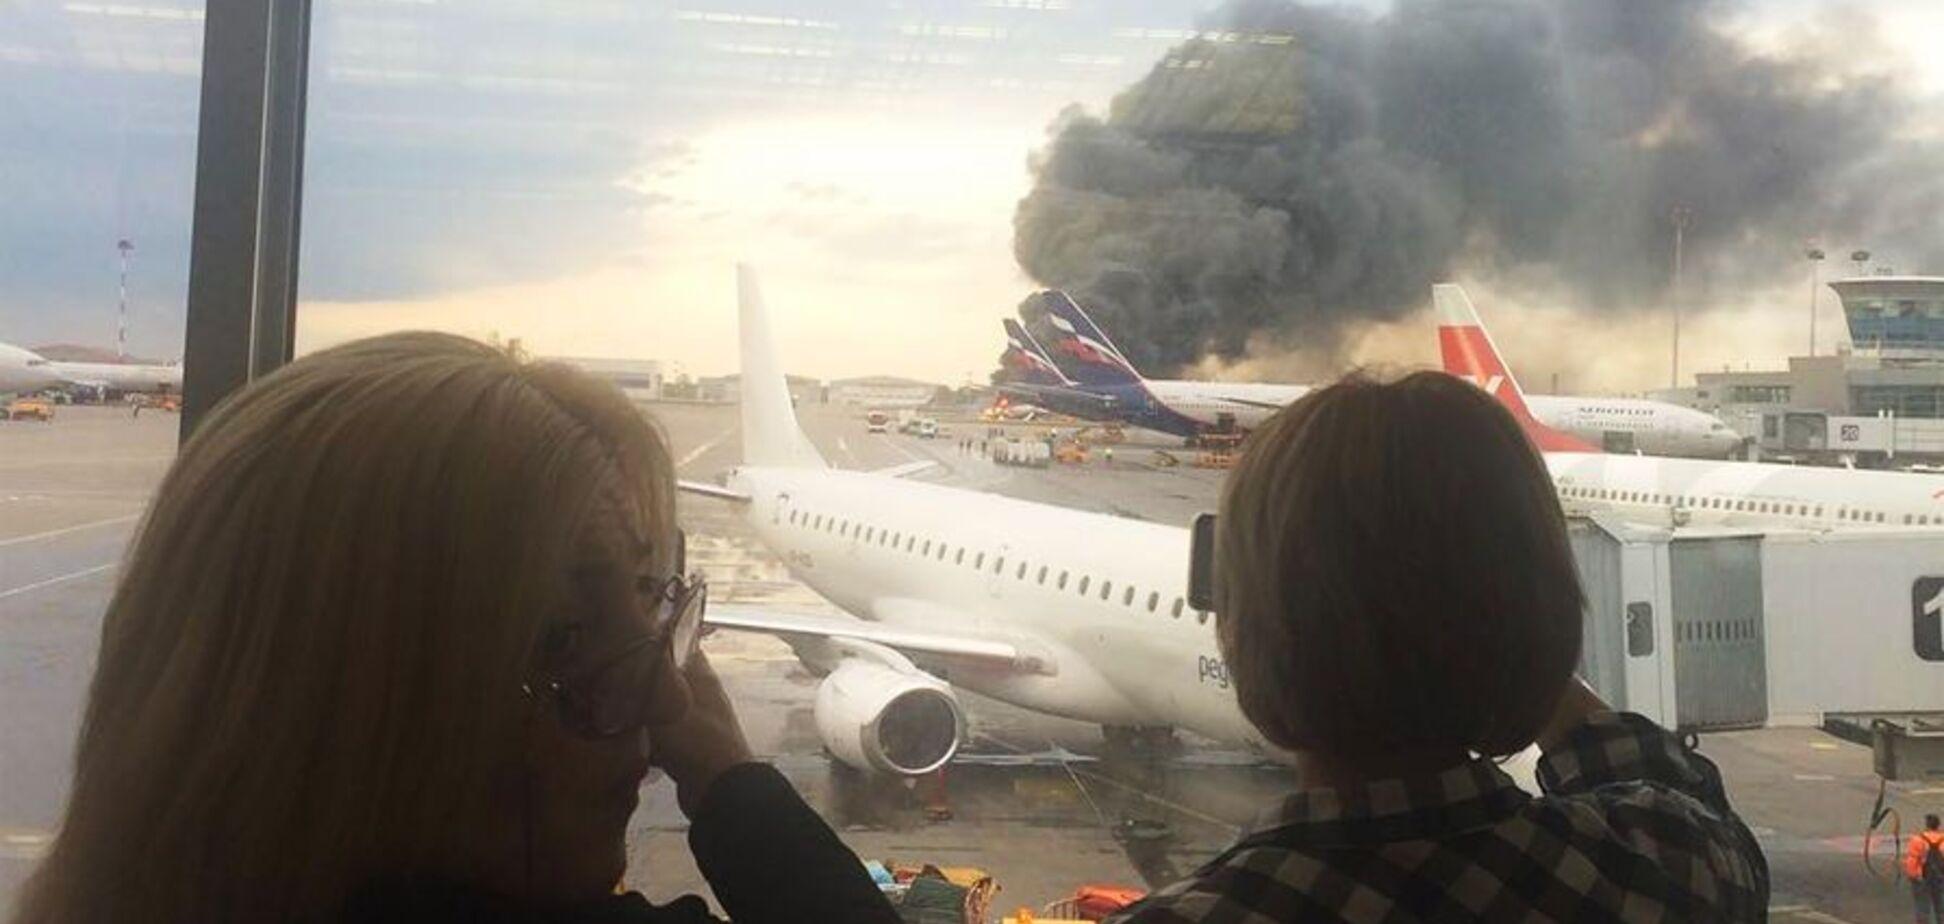 Катастрофа самолета: российские власти хотели все скрыть